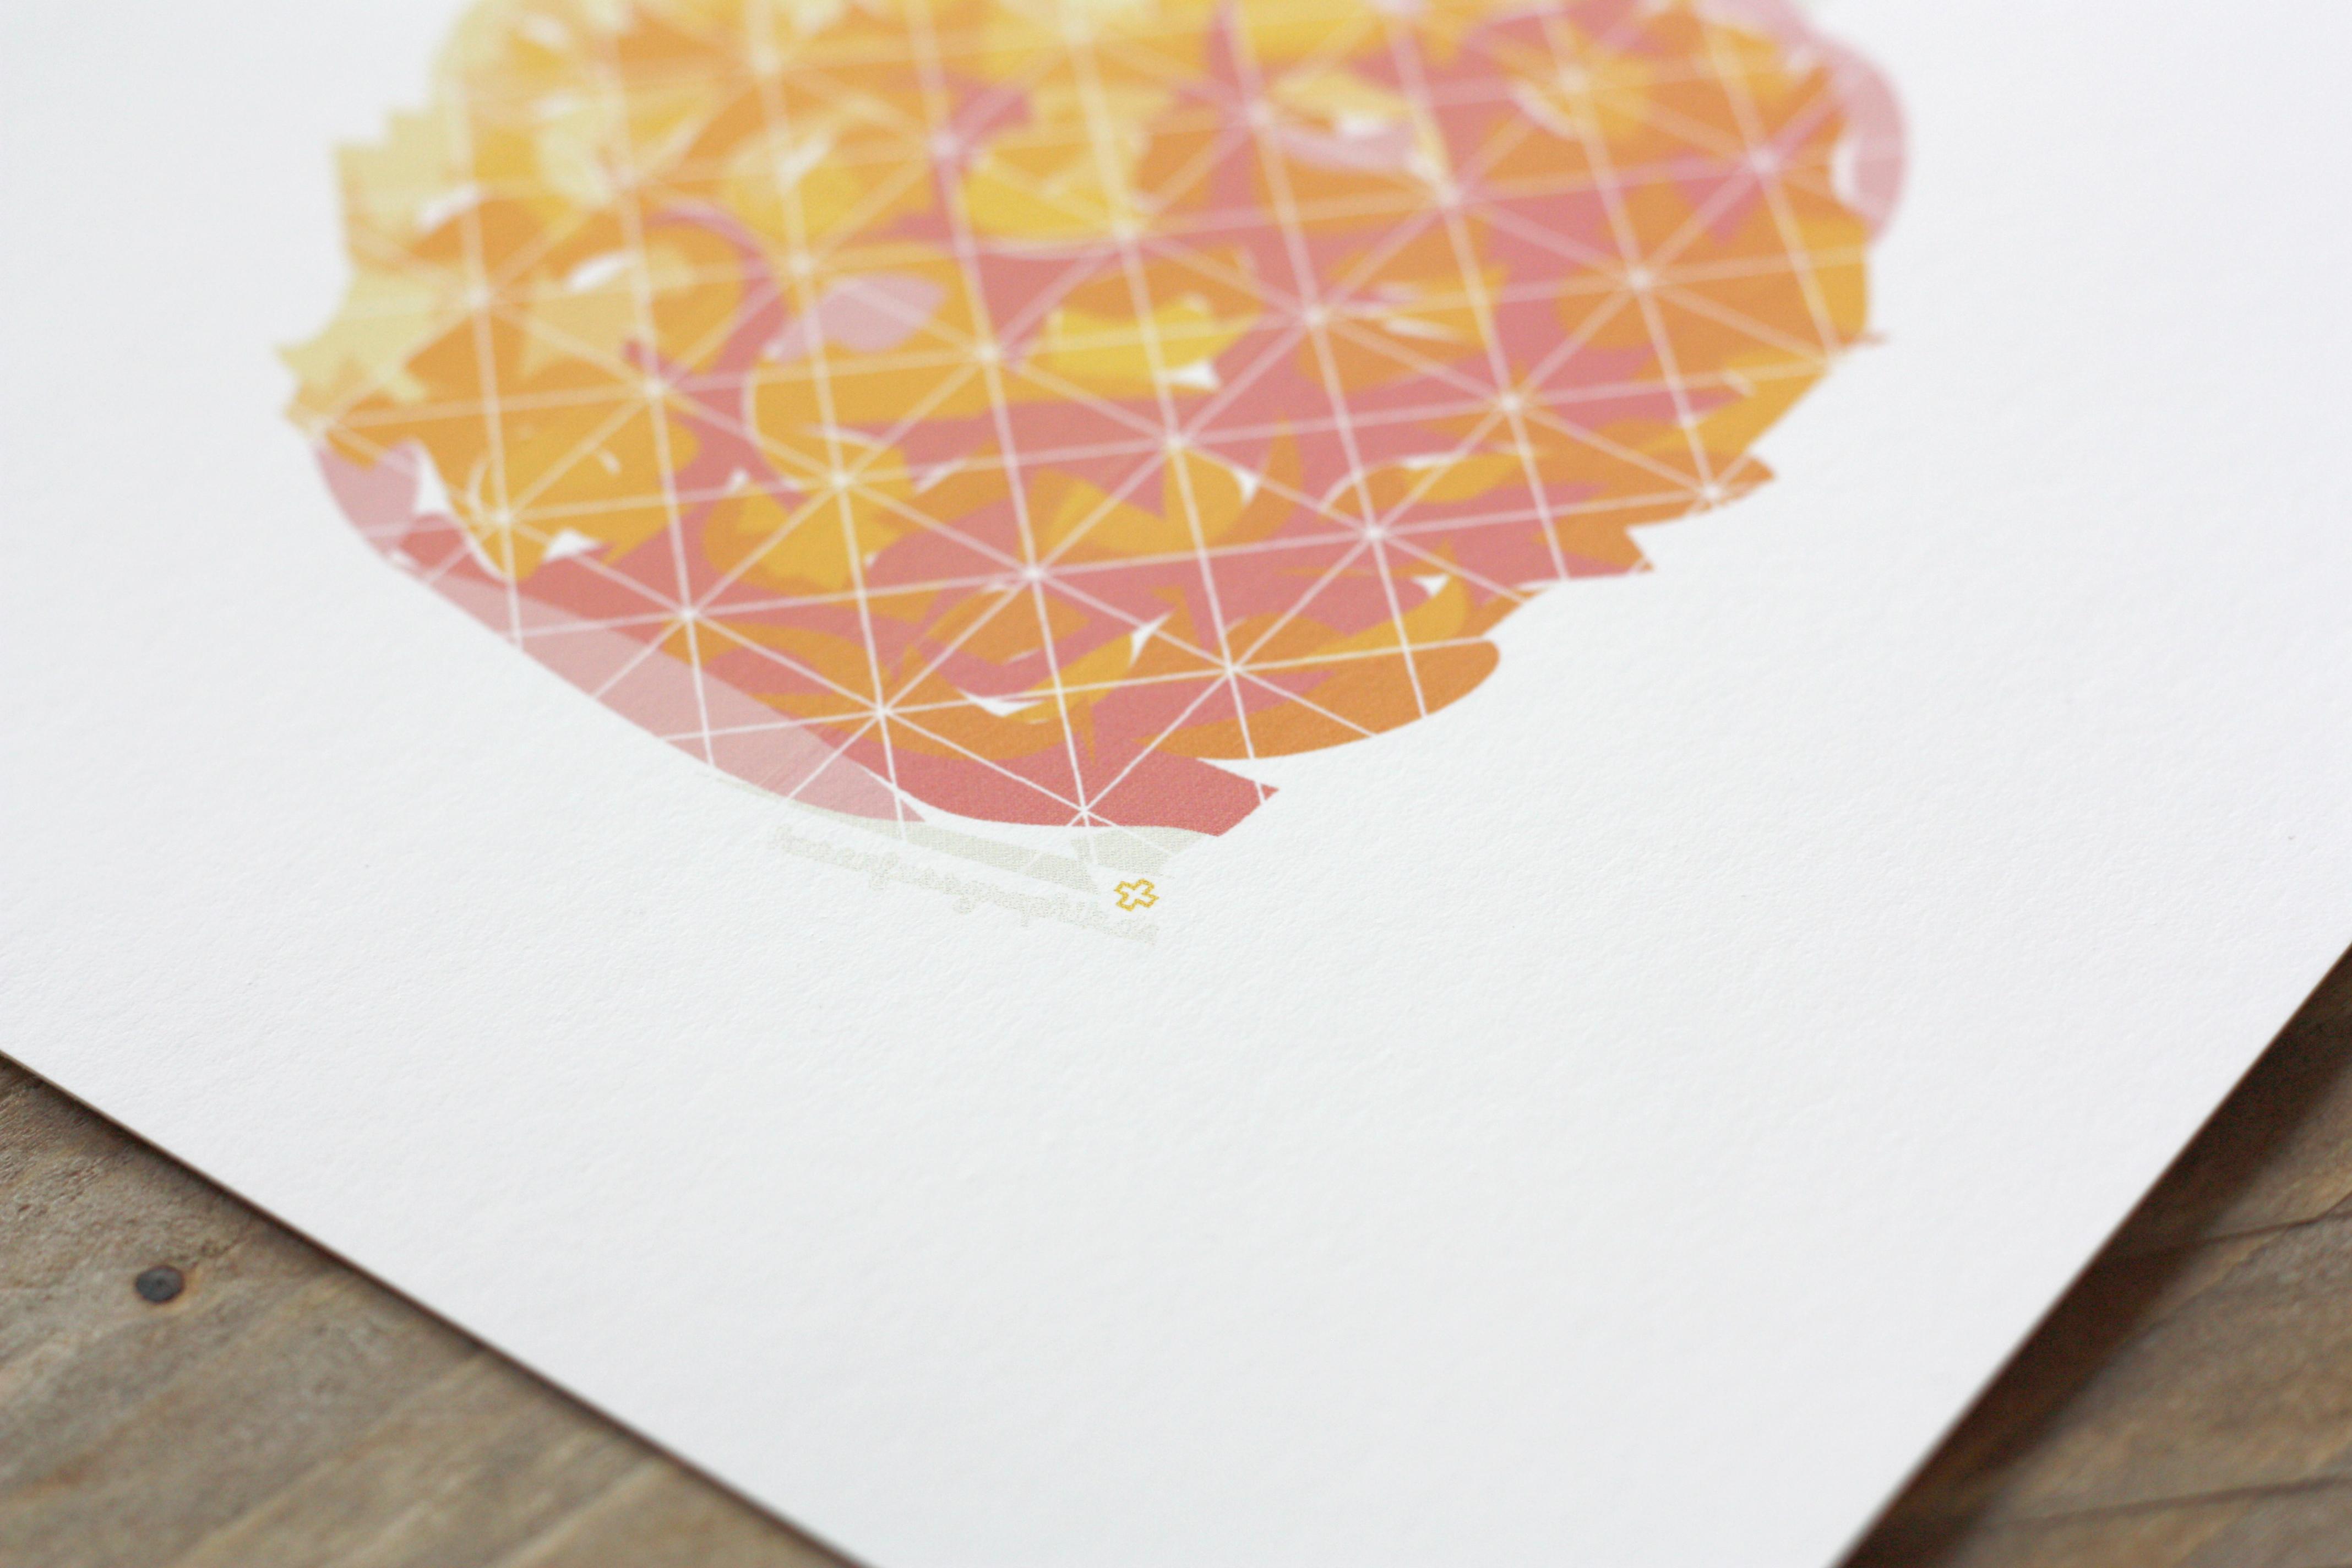 Illustration Ananas als Print Poster für hasenfussgrafik im Detail